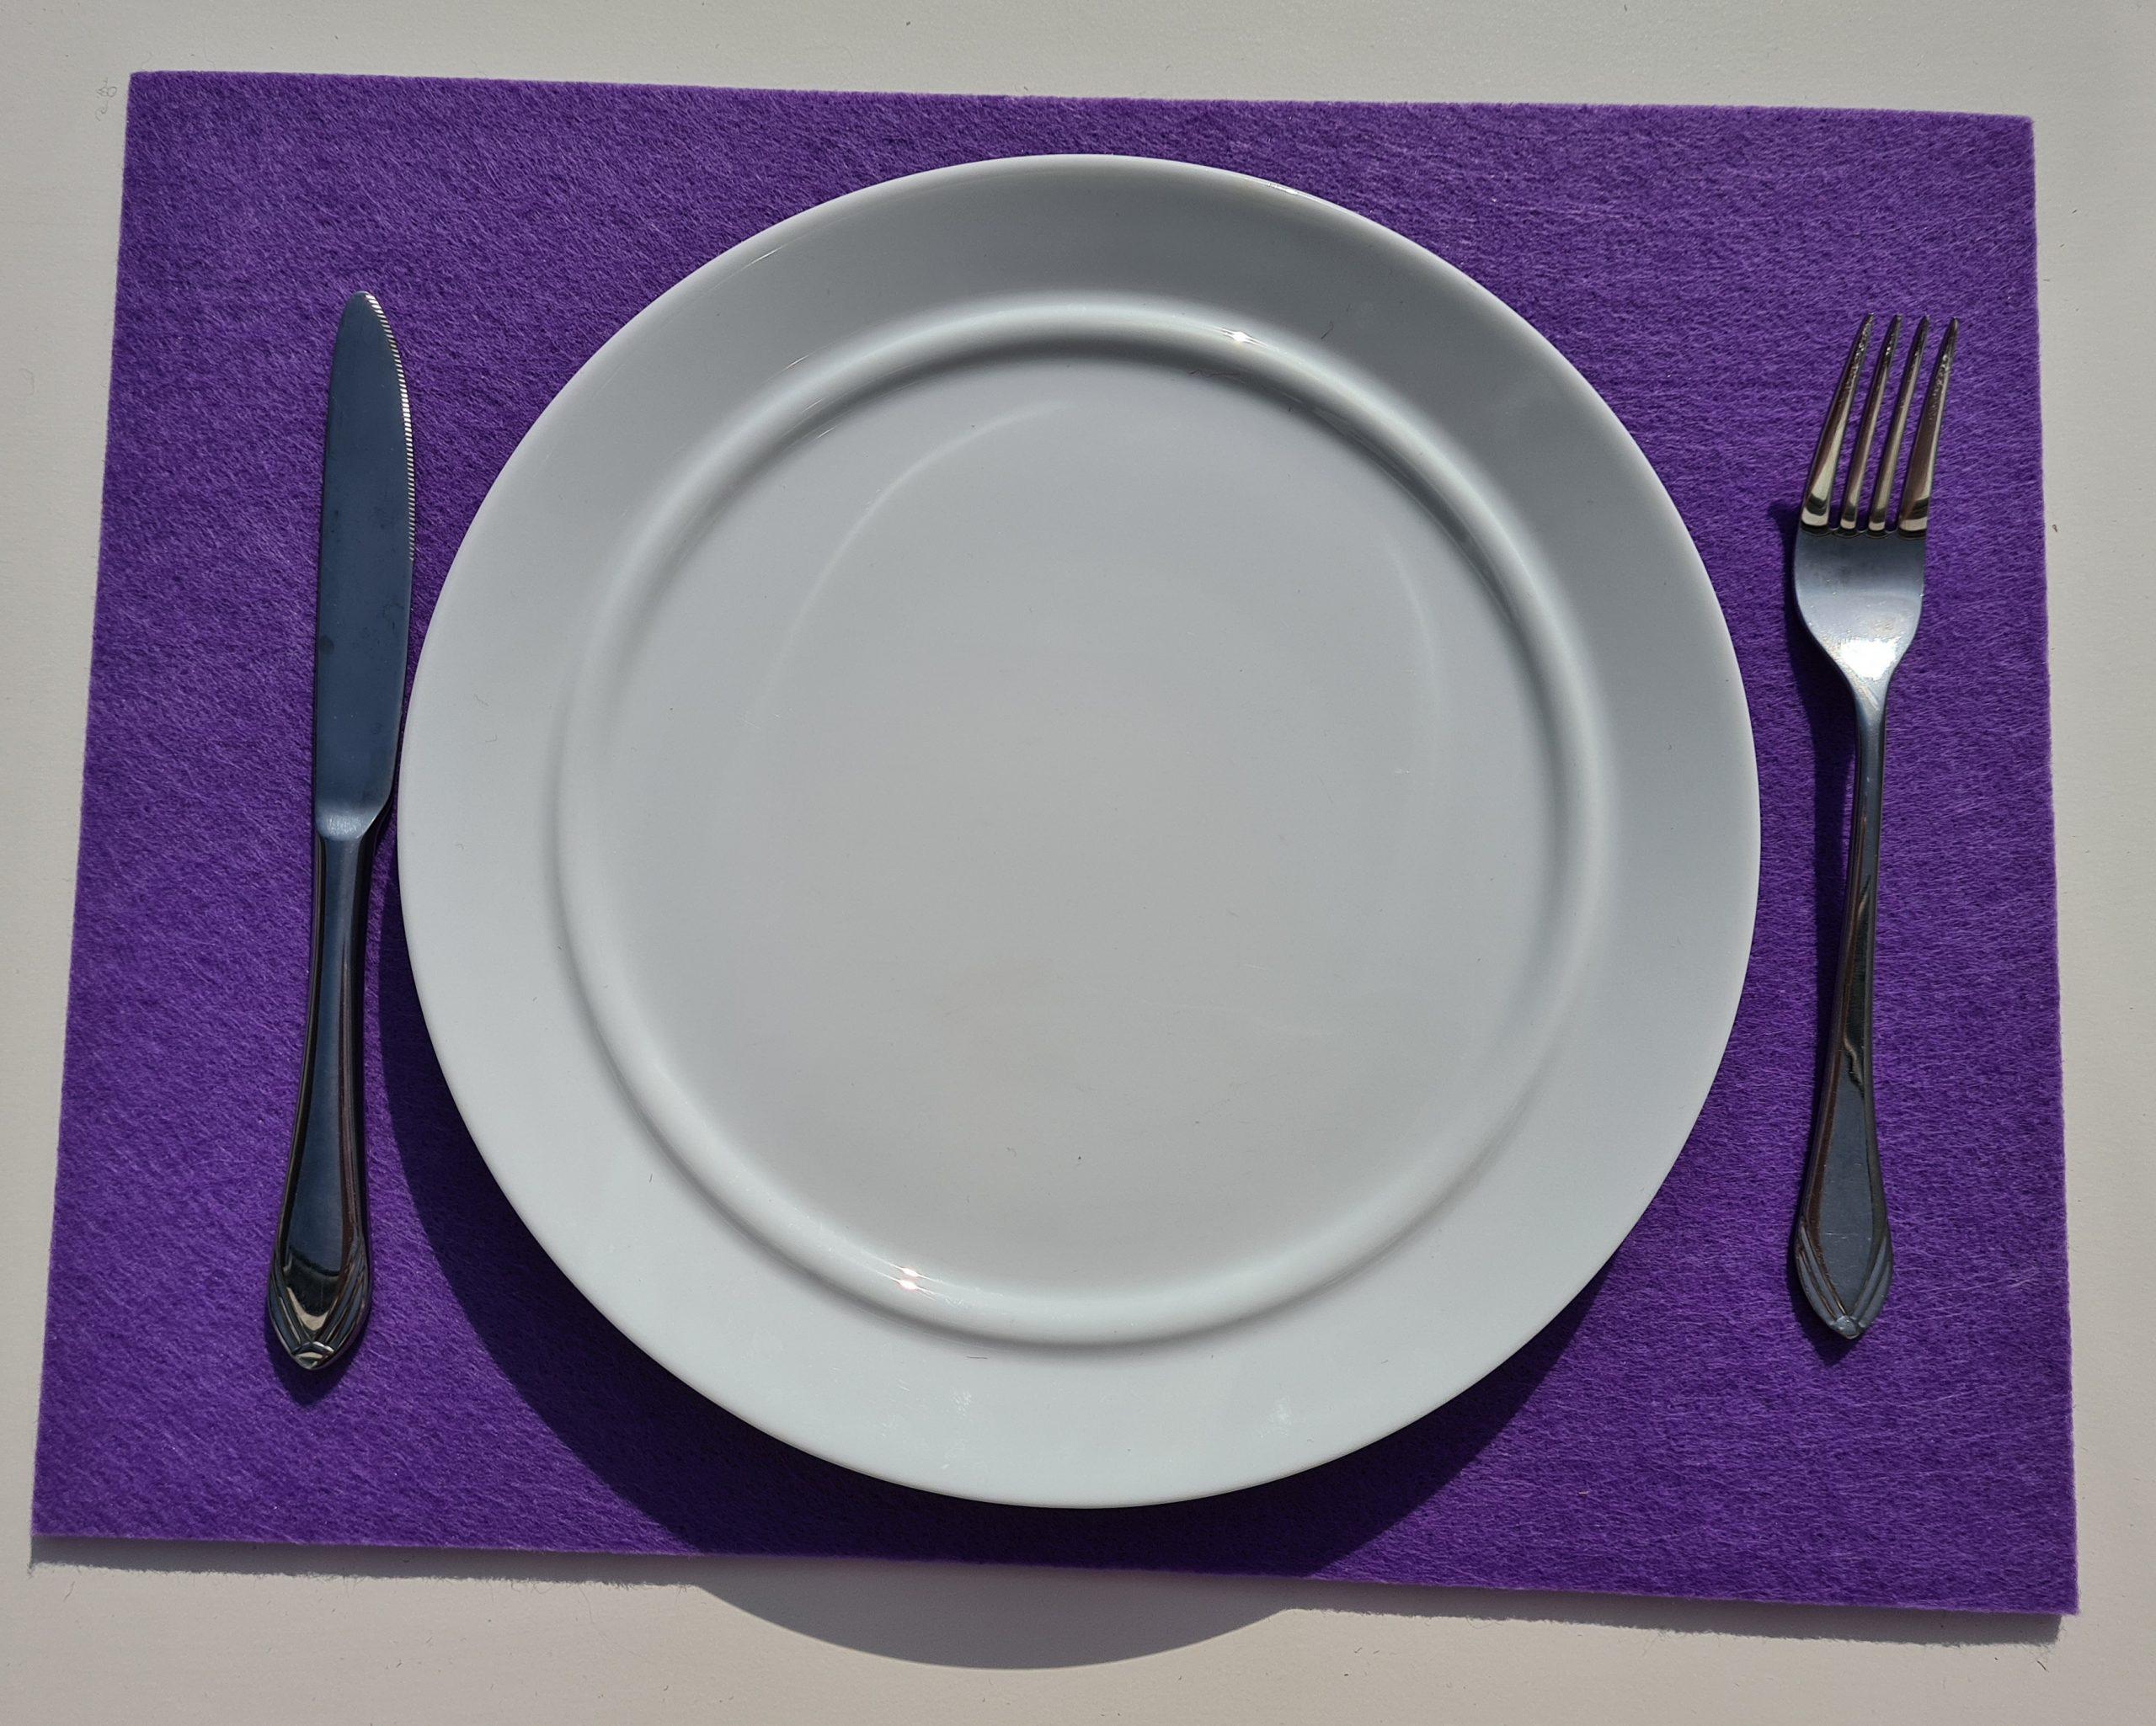 Lila Filz-Untersetzter quadratisch mit Teller und Besteck - Handgemachte individualisierbare Taschen, Körbe, Tischsets, Dekoartikel und mehr auf fideko.de der Onlineshop seit 2011